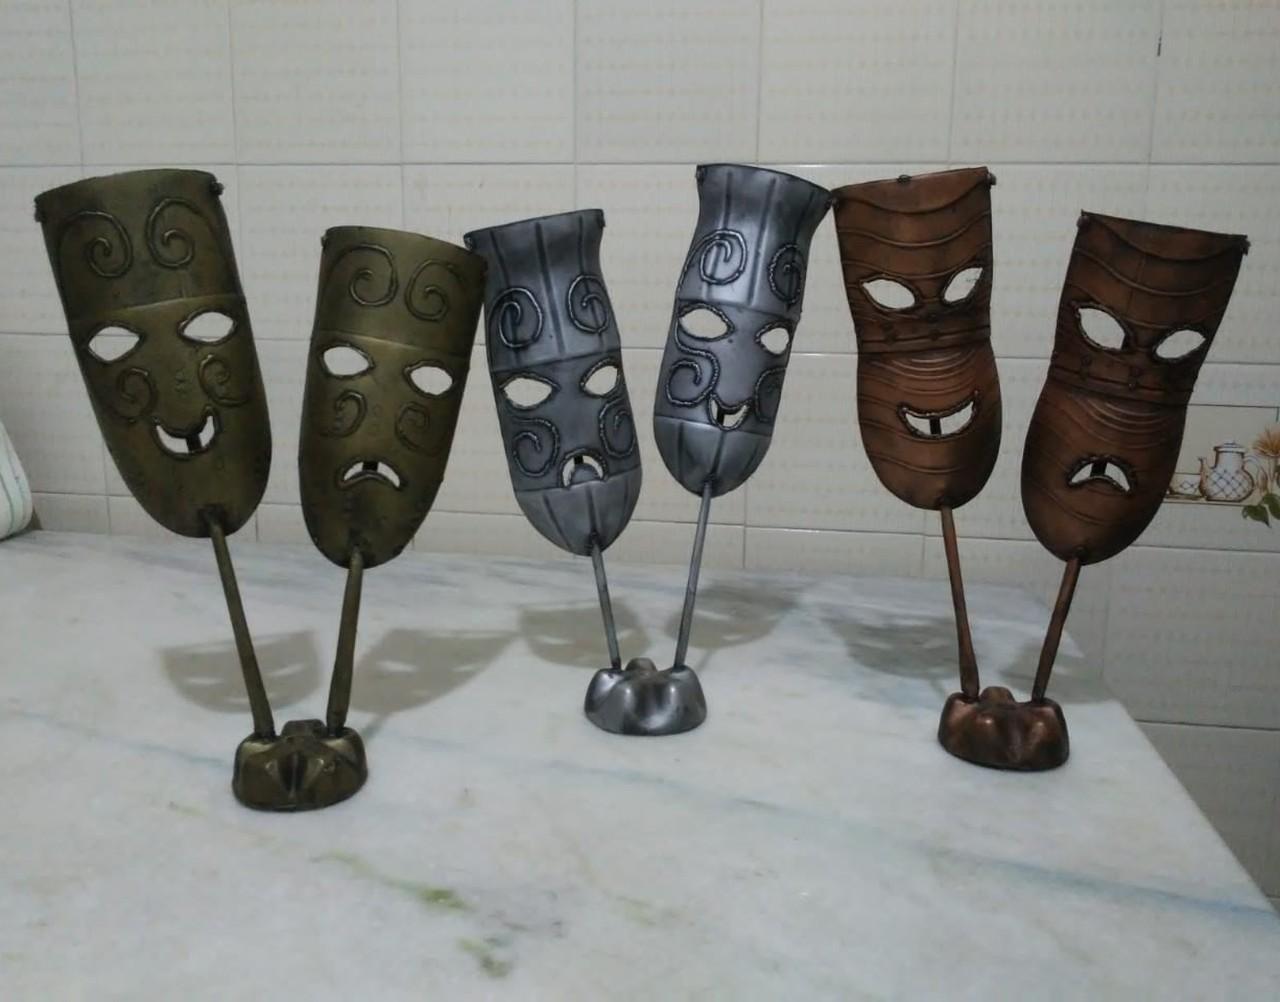 Artesão transforma garrafas PET em obras de arte